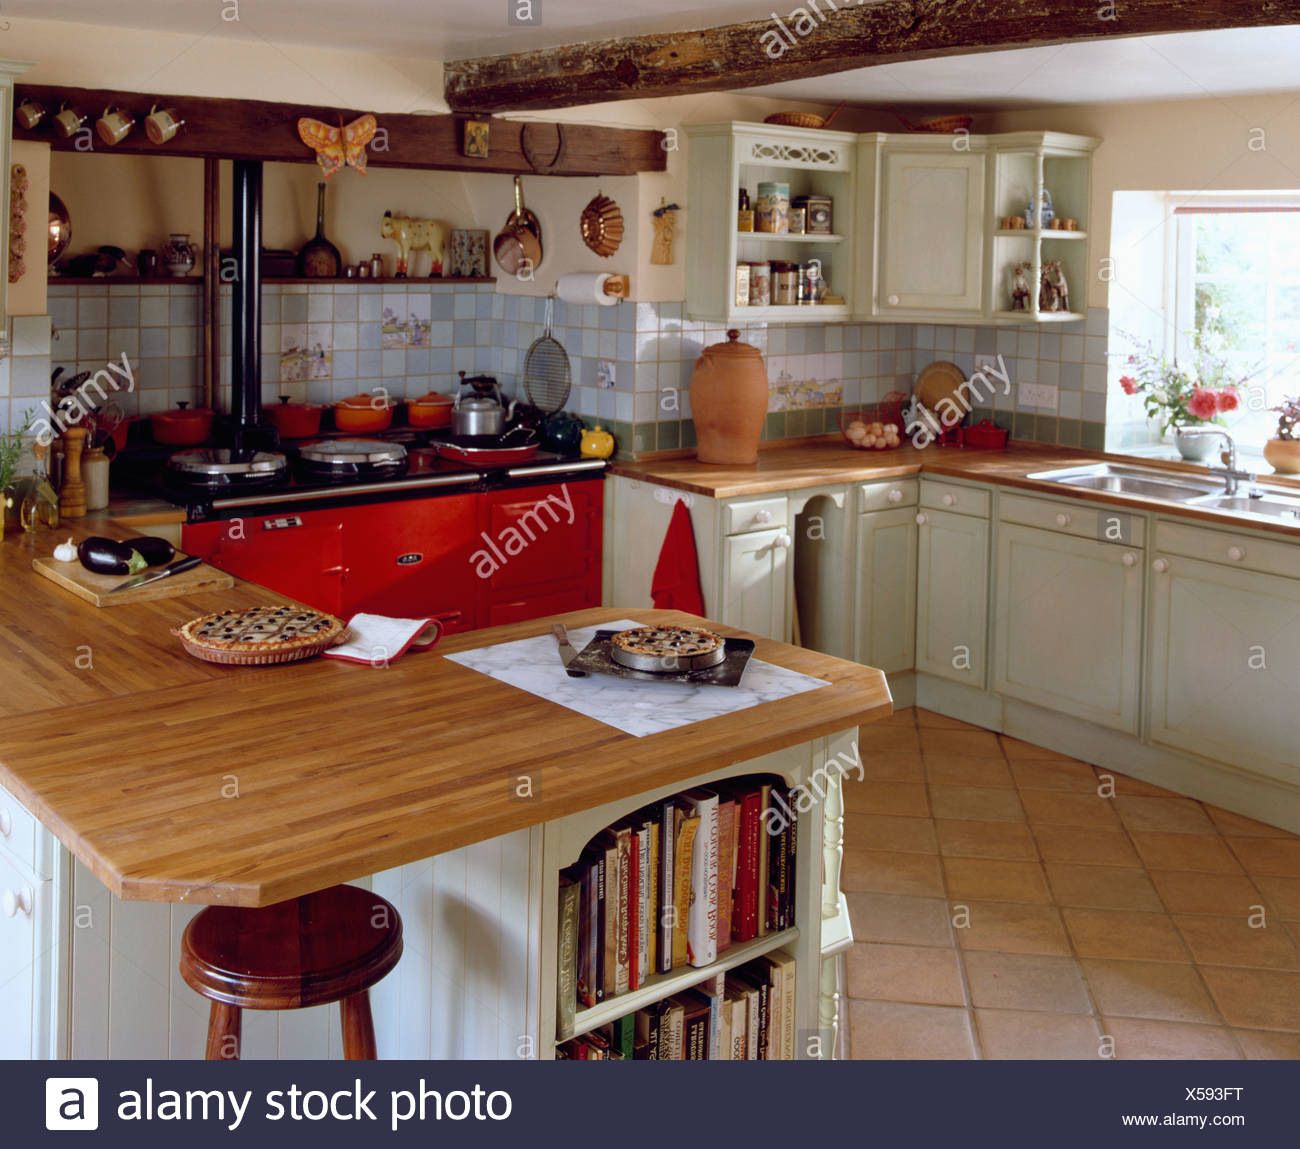 Magnífico Isla De La Cocina Roja Inspiración - Como Decorar la ...